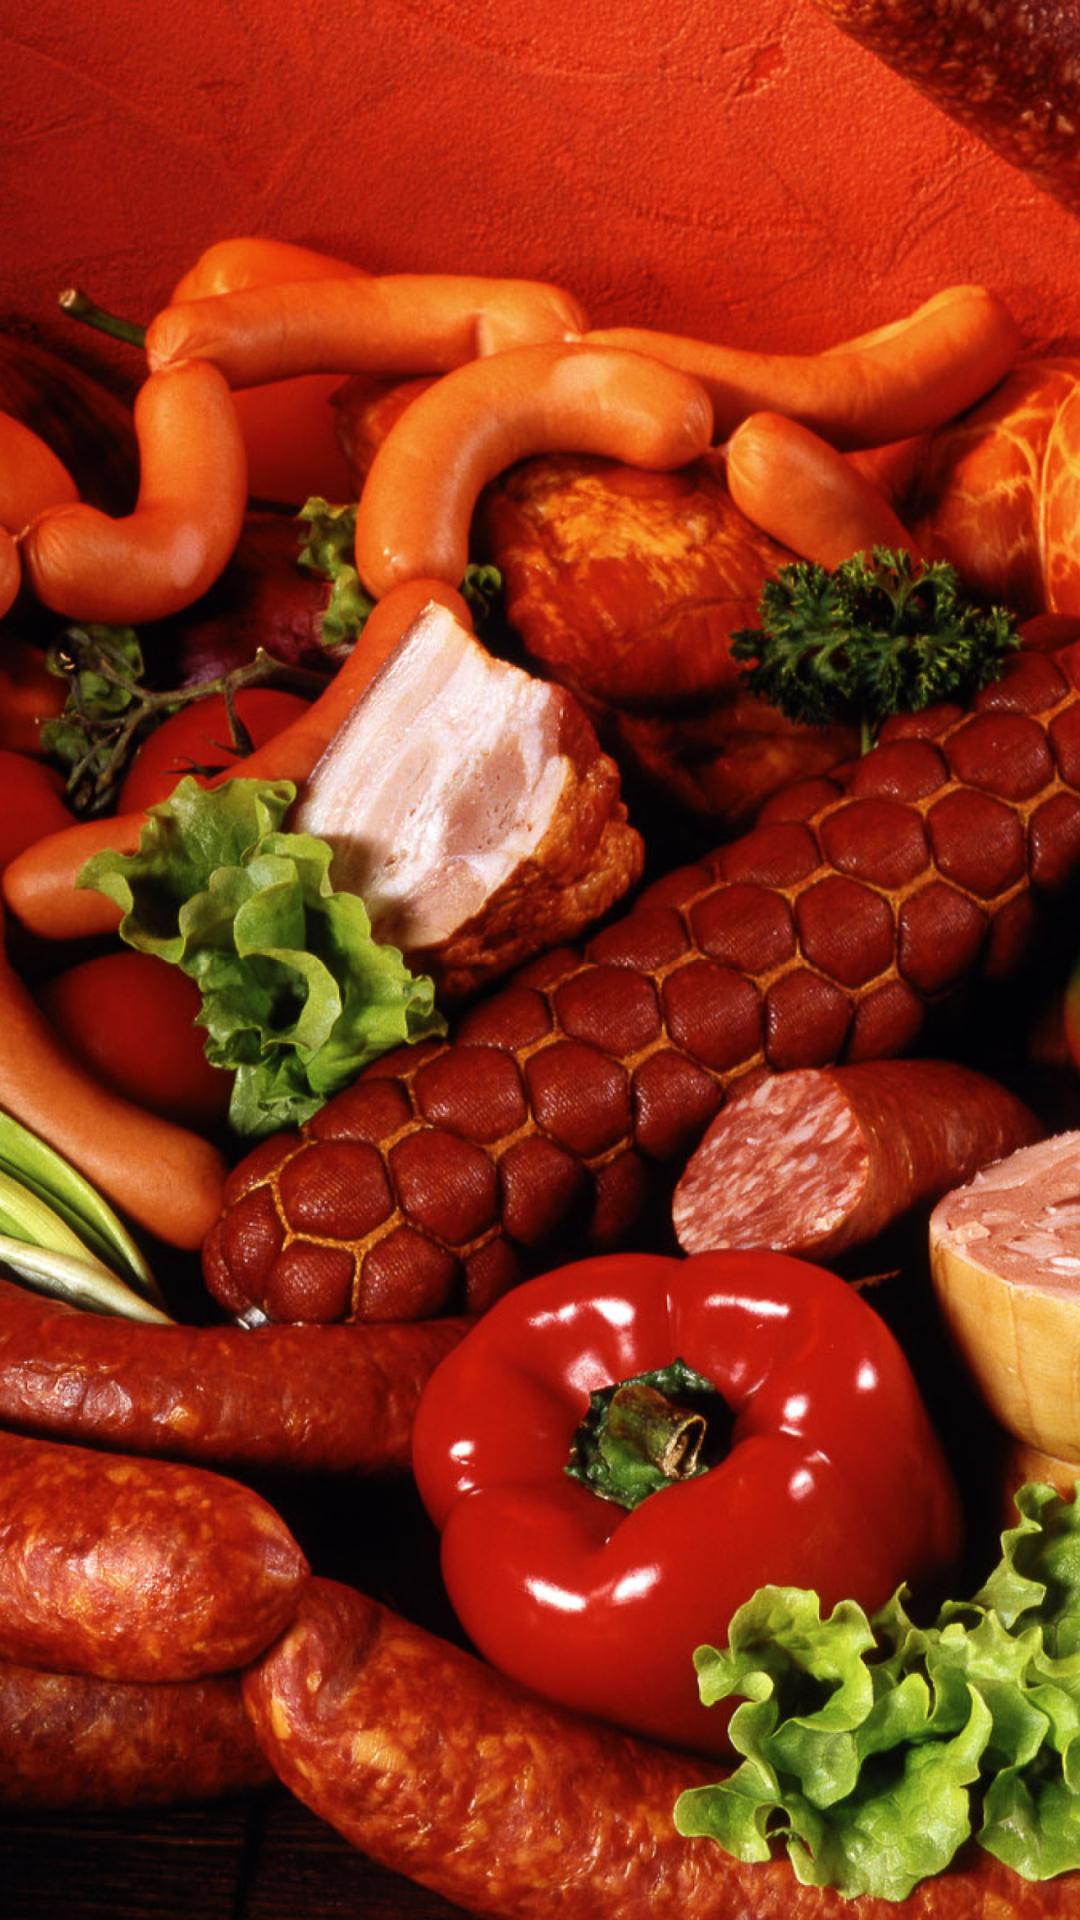 многие реклама продуктов питания картинки быстро преодолевают фазу